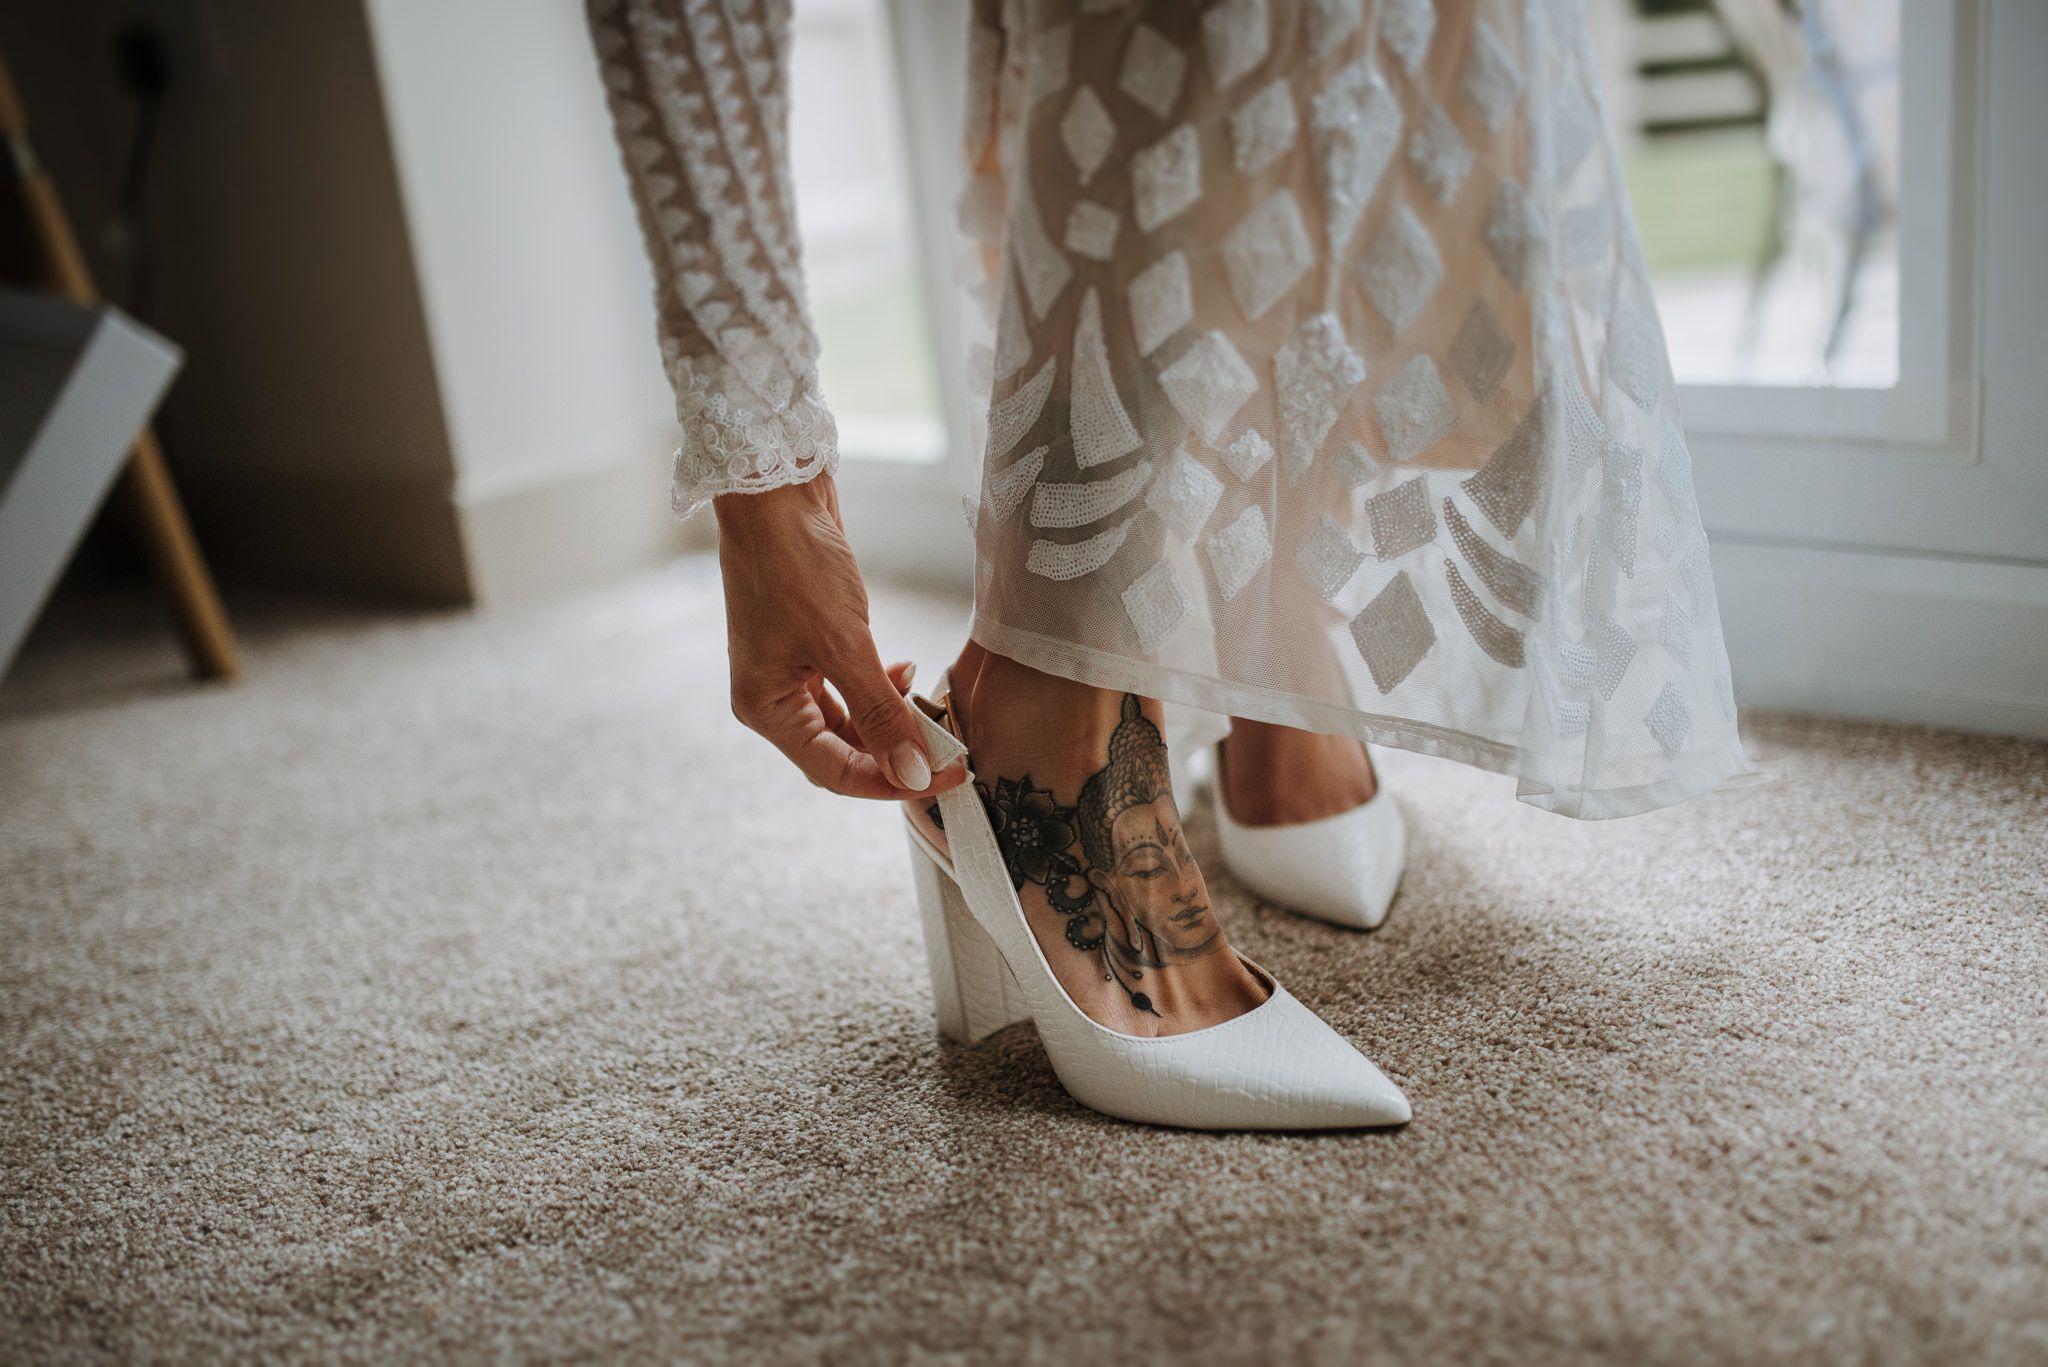 yorkshire-bridal-prep-photos-5.jpg